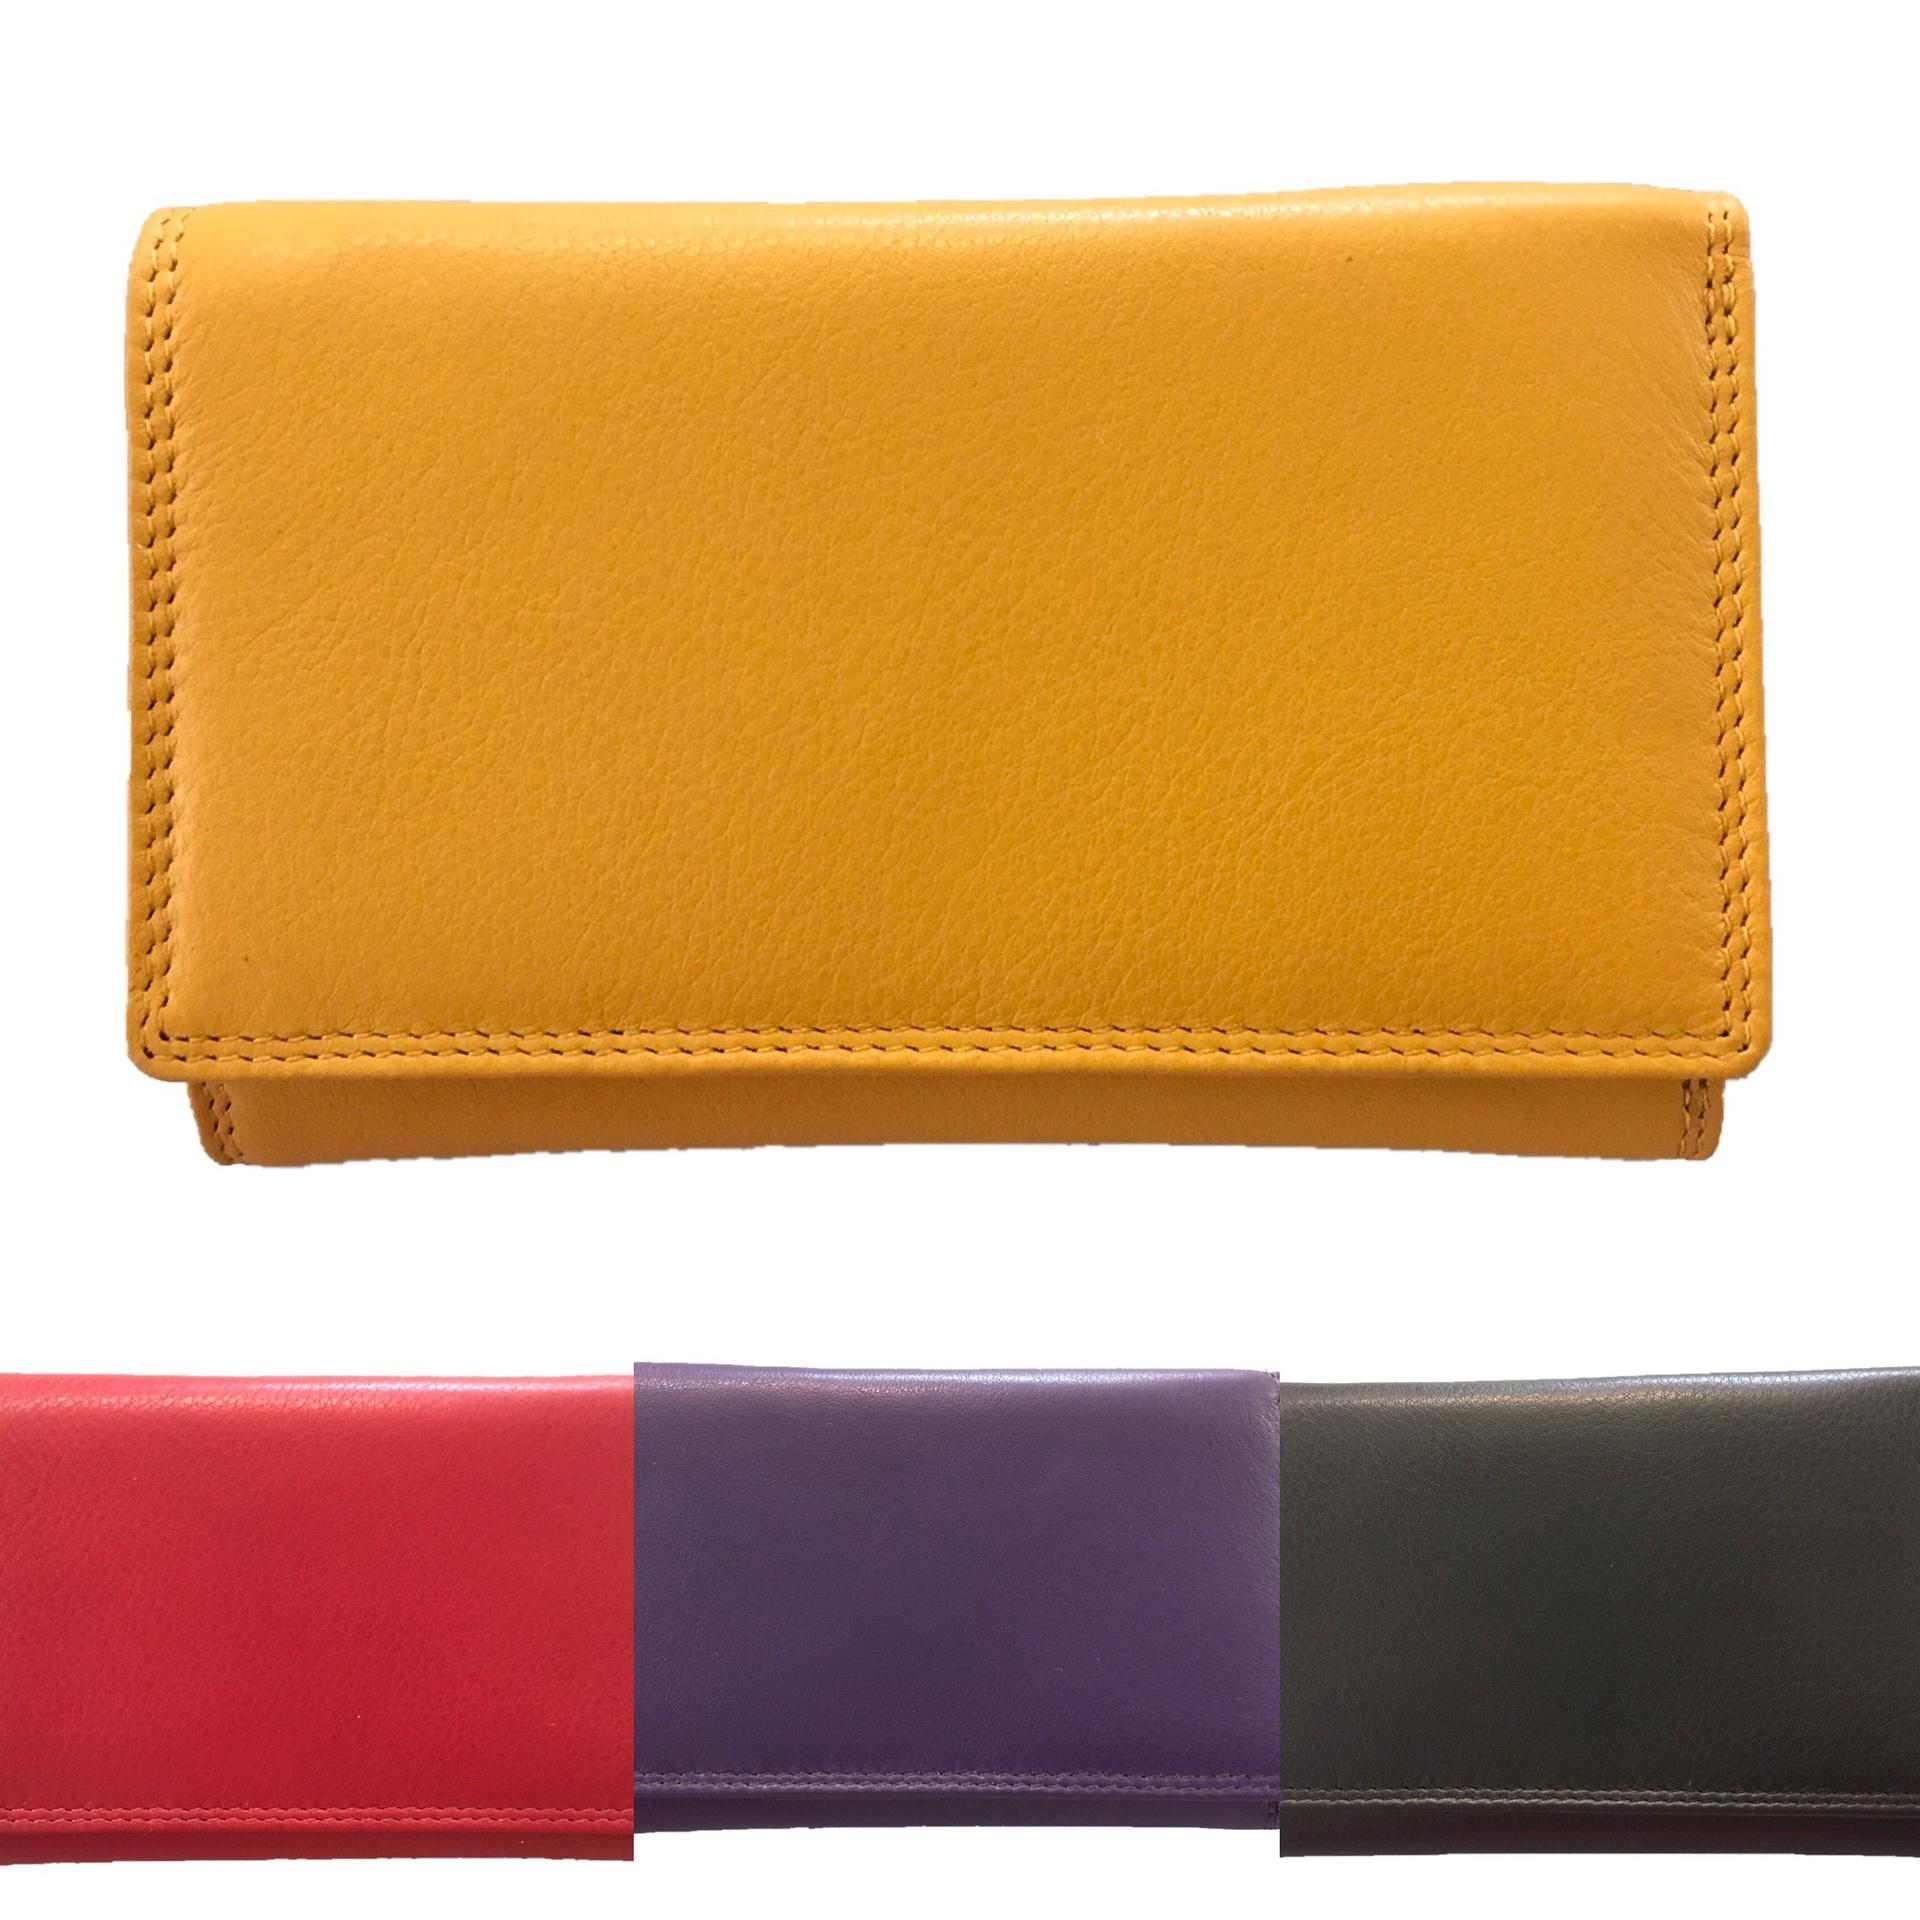 Caribbean Medium Leather Purse RFID Protected